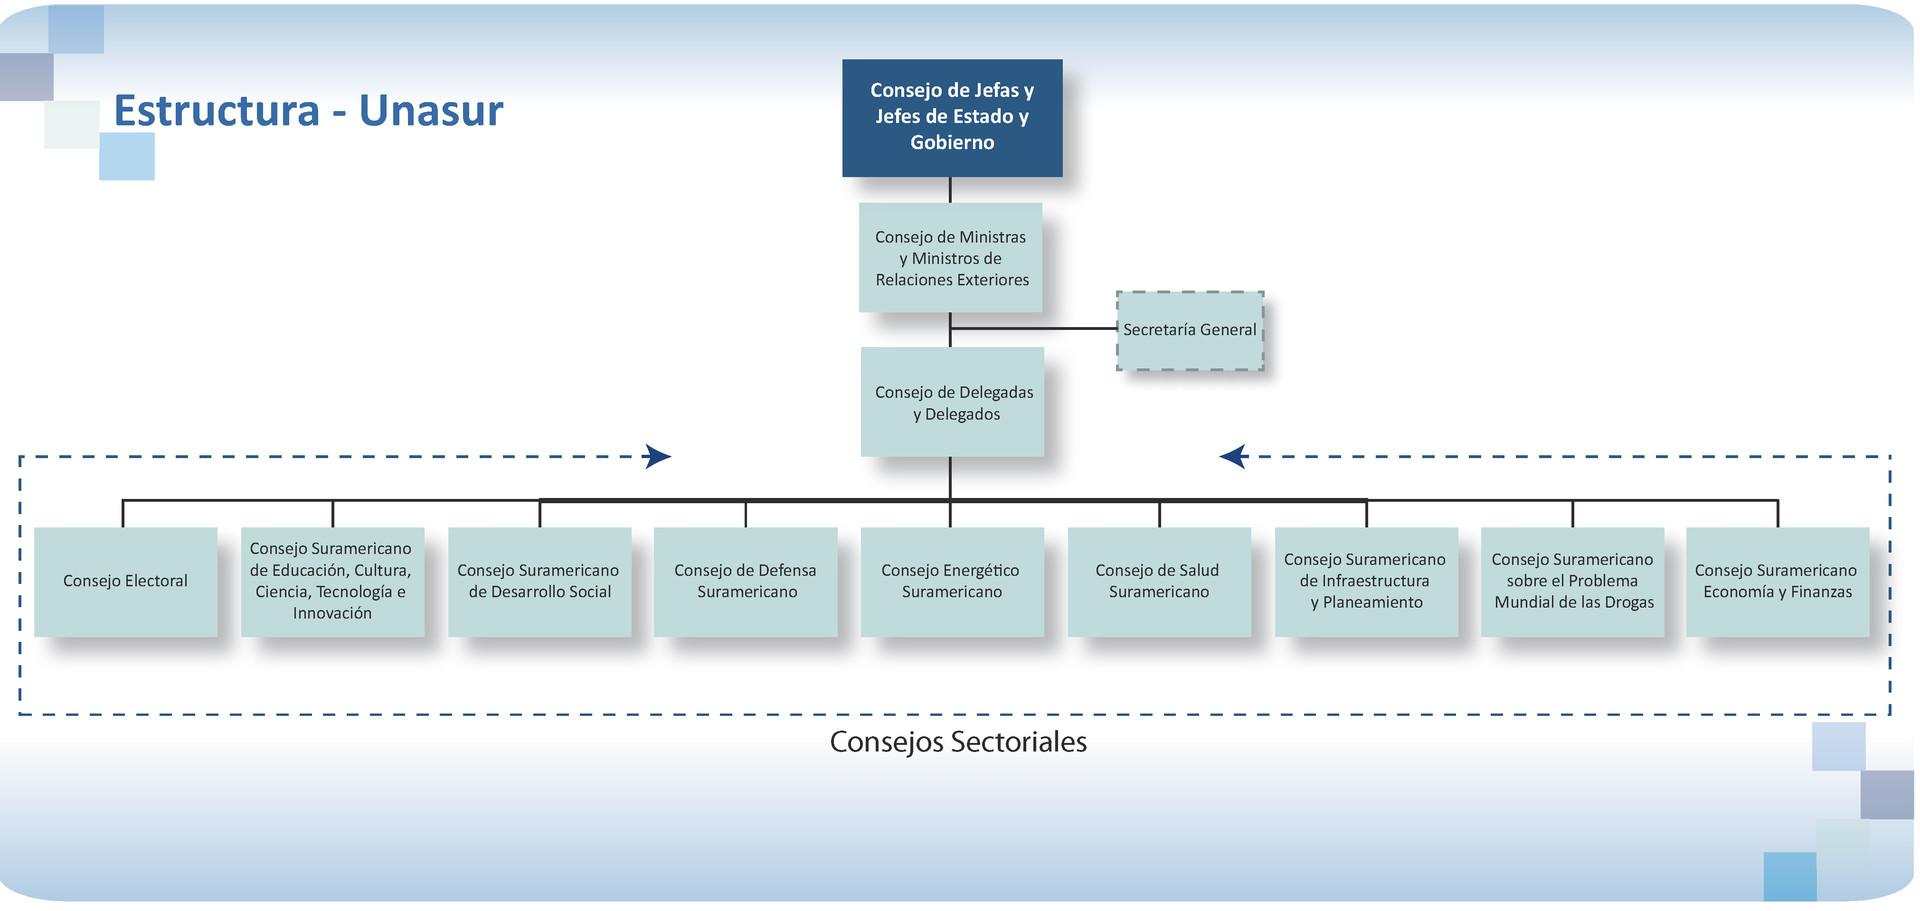 Estructura de Unasur